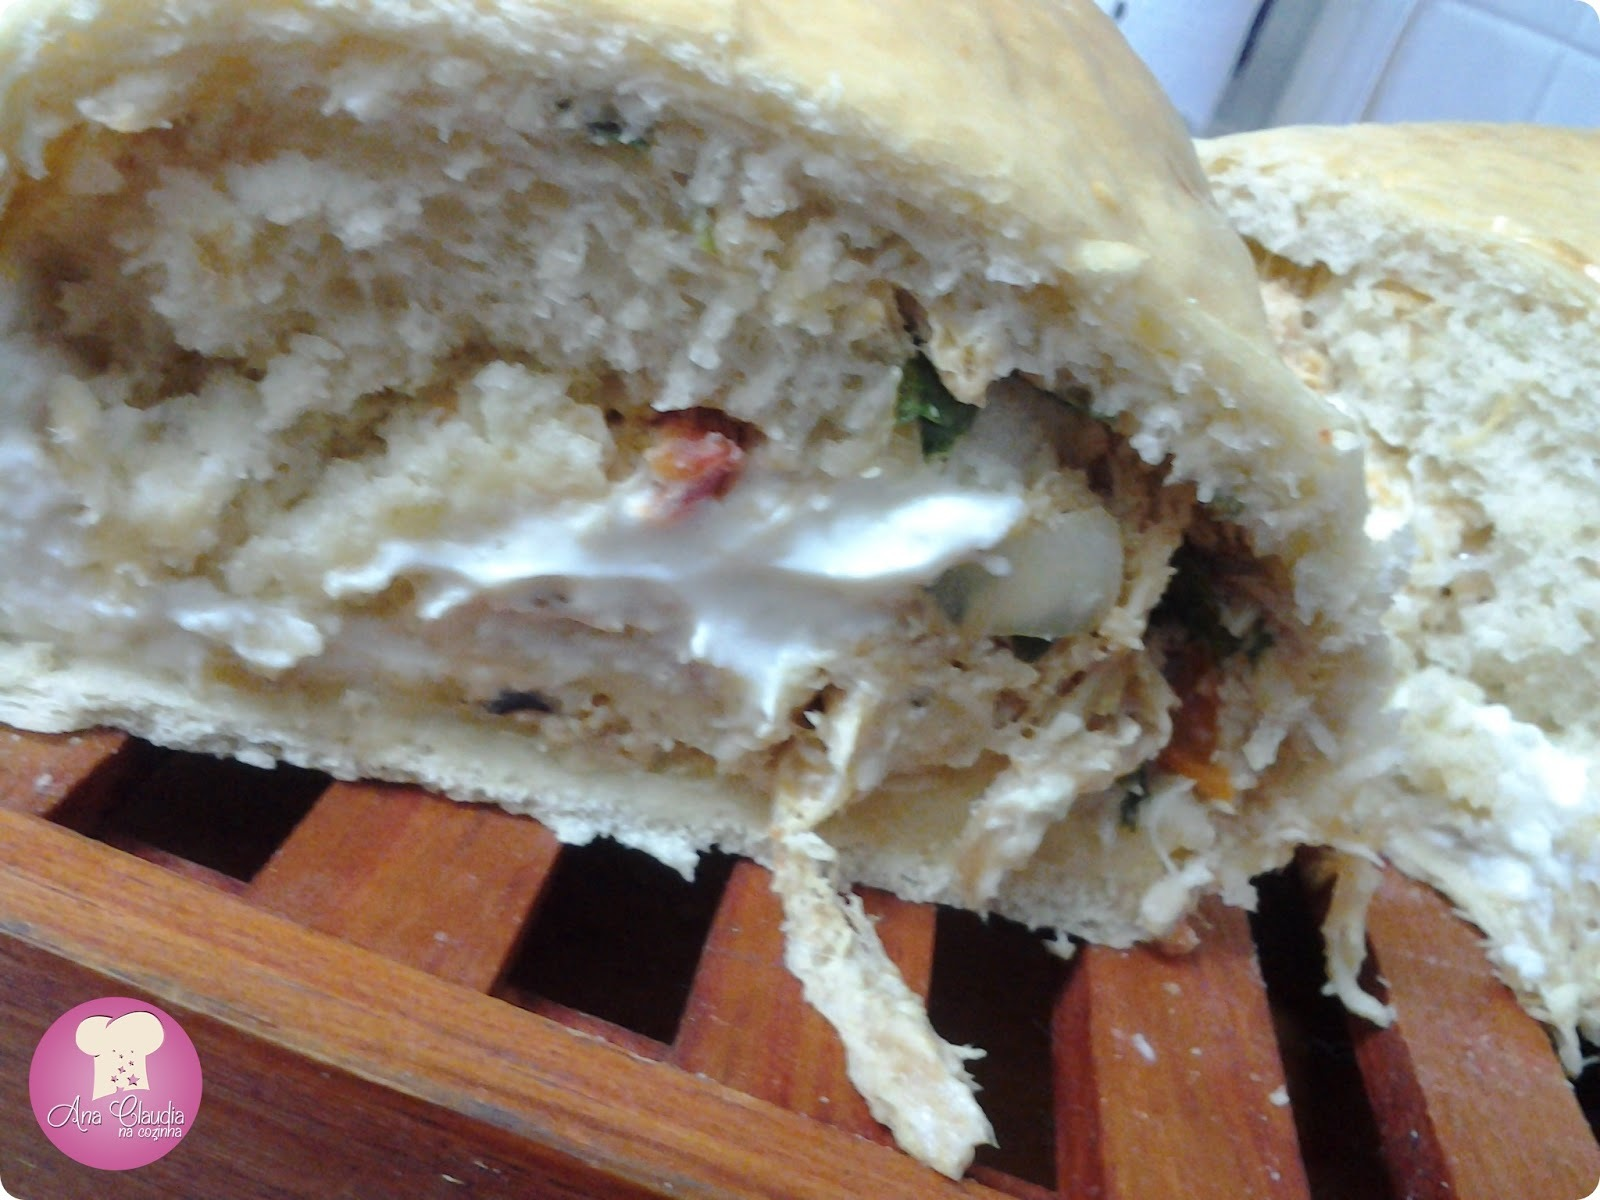 de pão de cebola caseiro com fermento biologico seco instantaneo